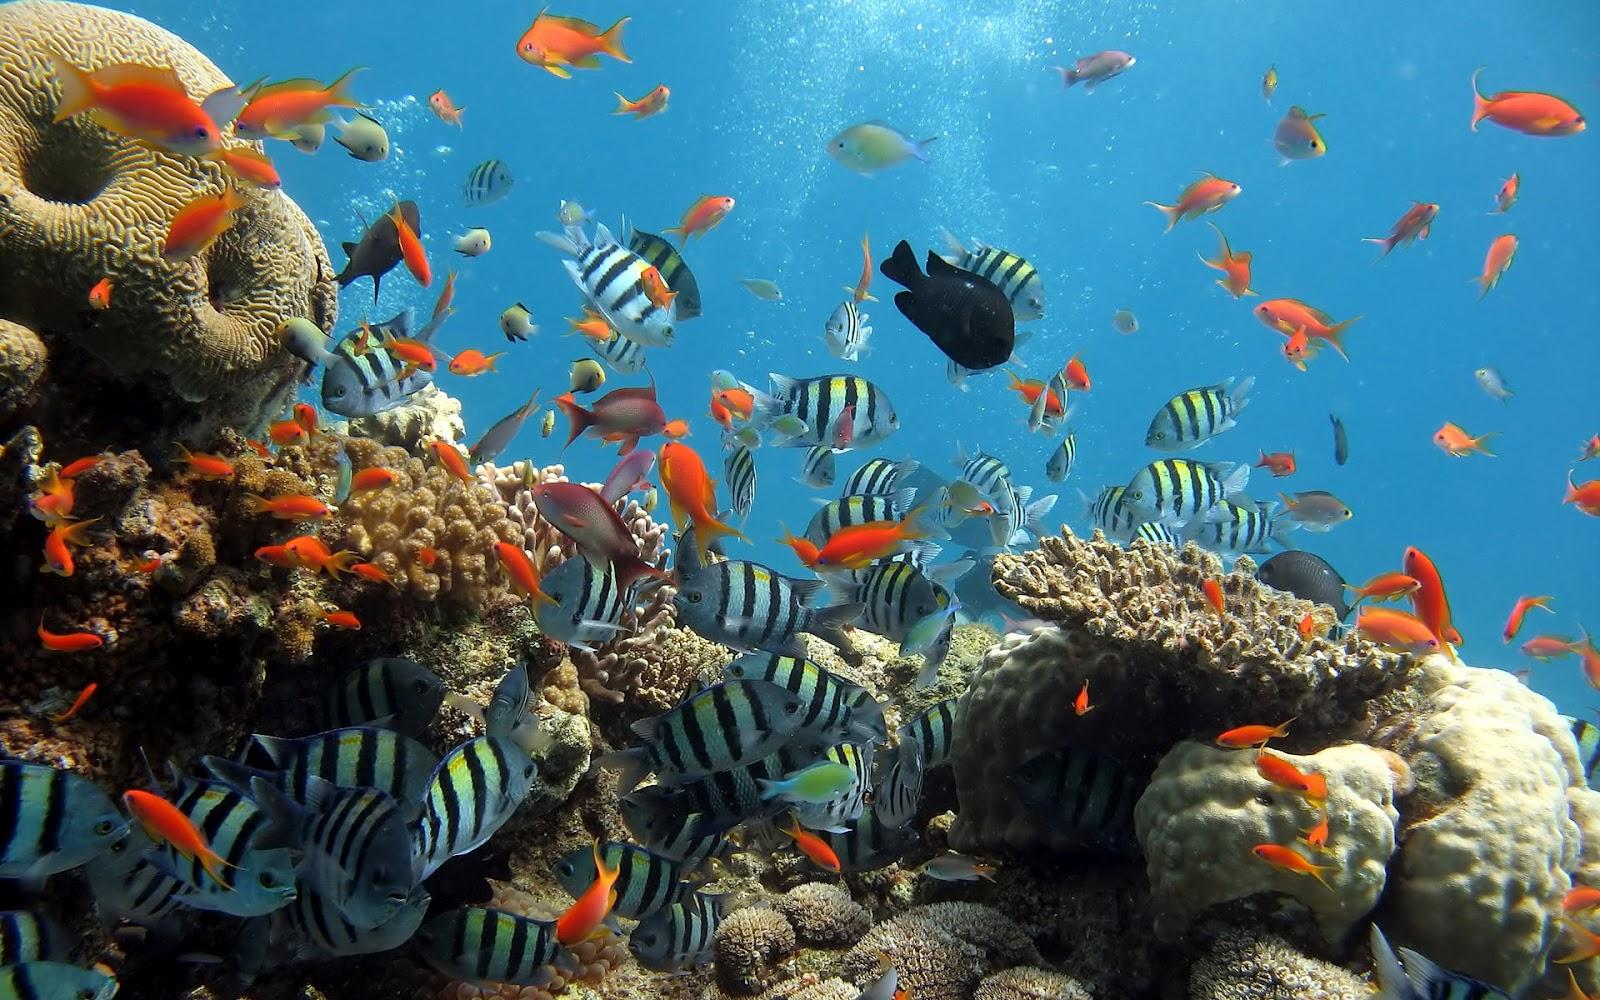 Under The Ocean Wallpaper Wallpapersafari